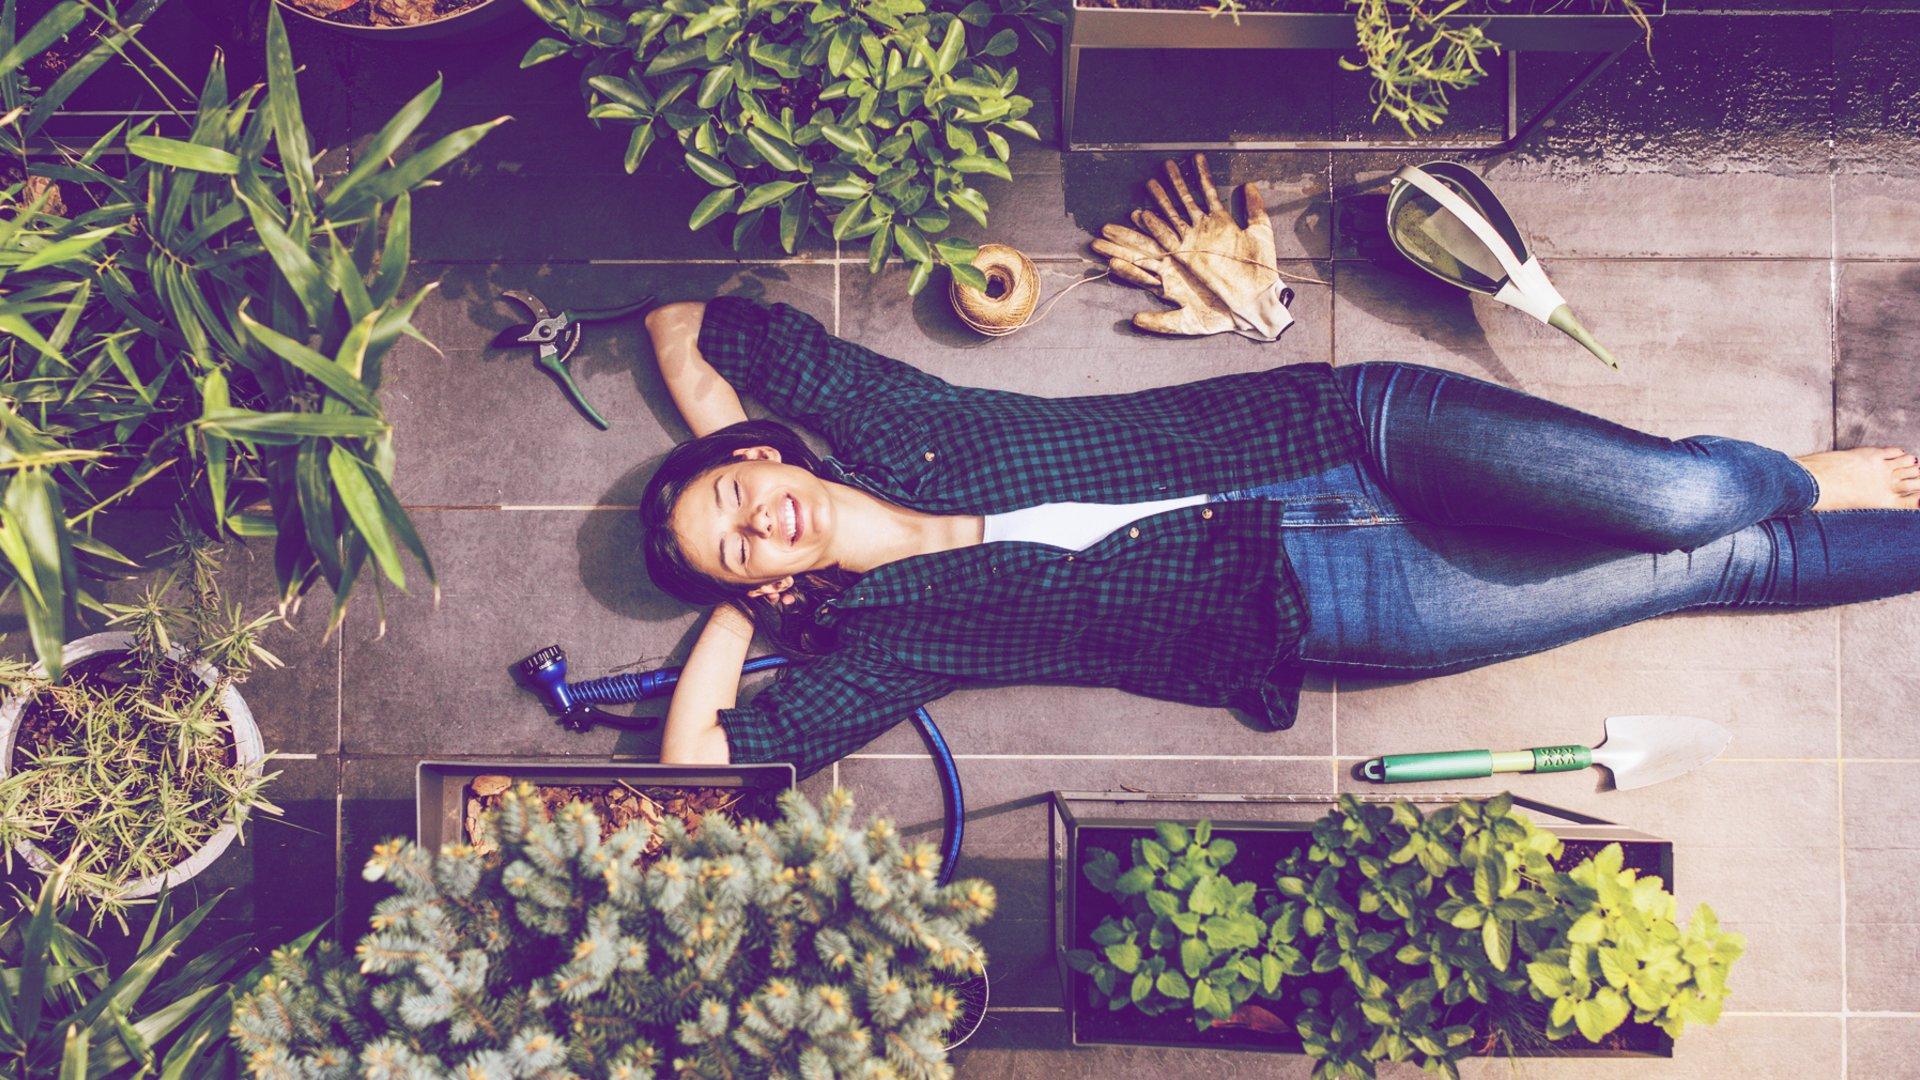 8 kreative Urban Gardening Ideen für wenig Platz   desired.de